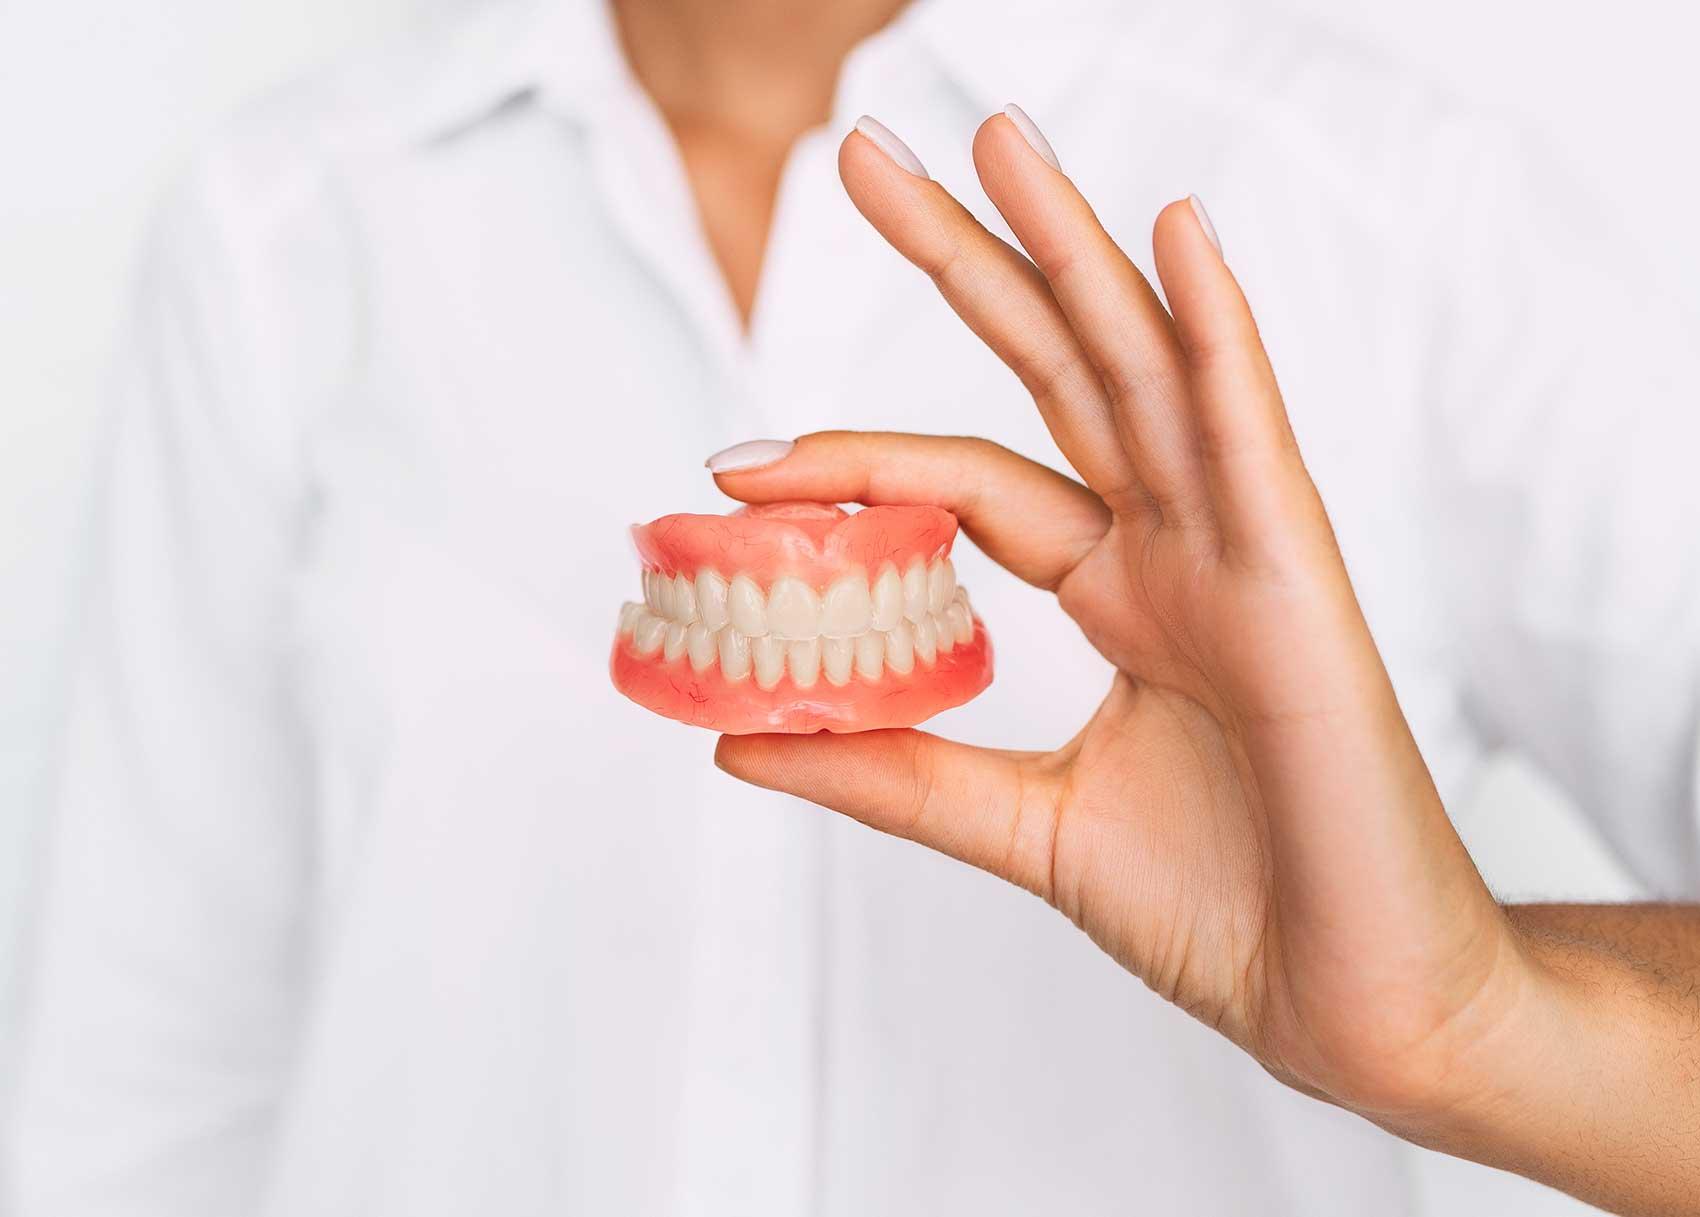 Prothèse dentaire : quels sont les types disponibles ?